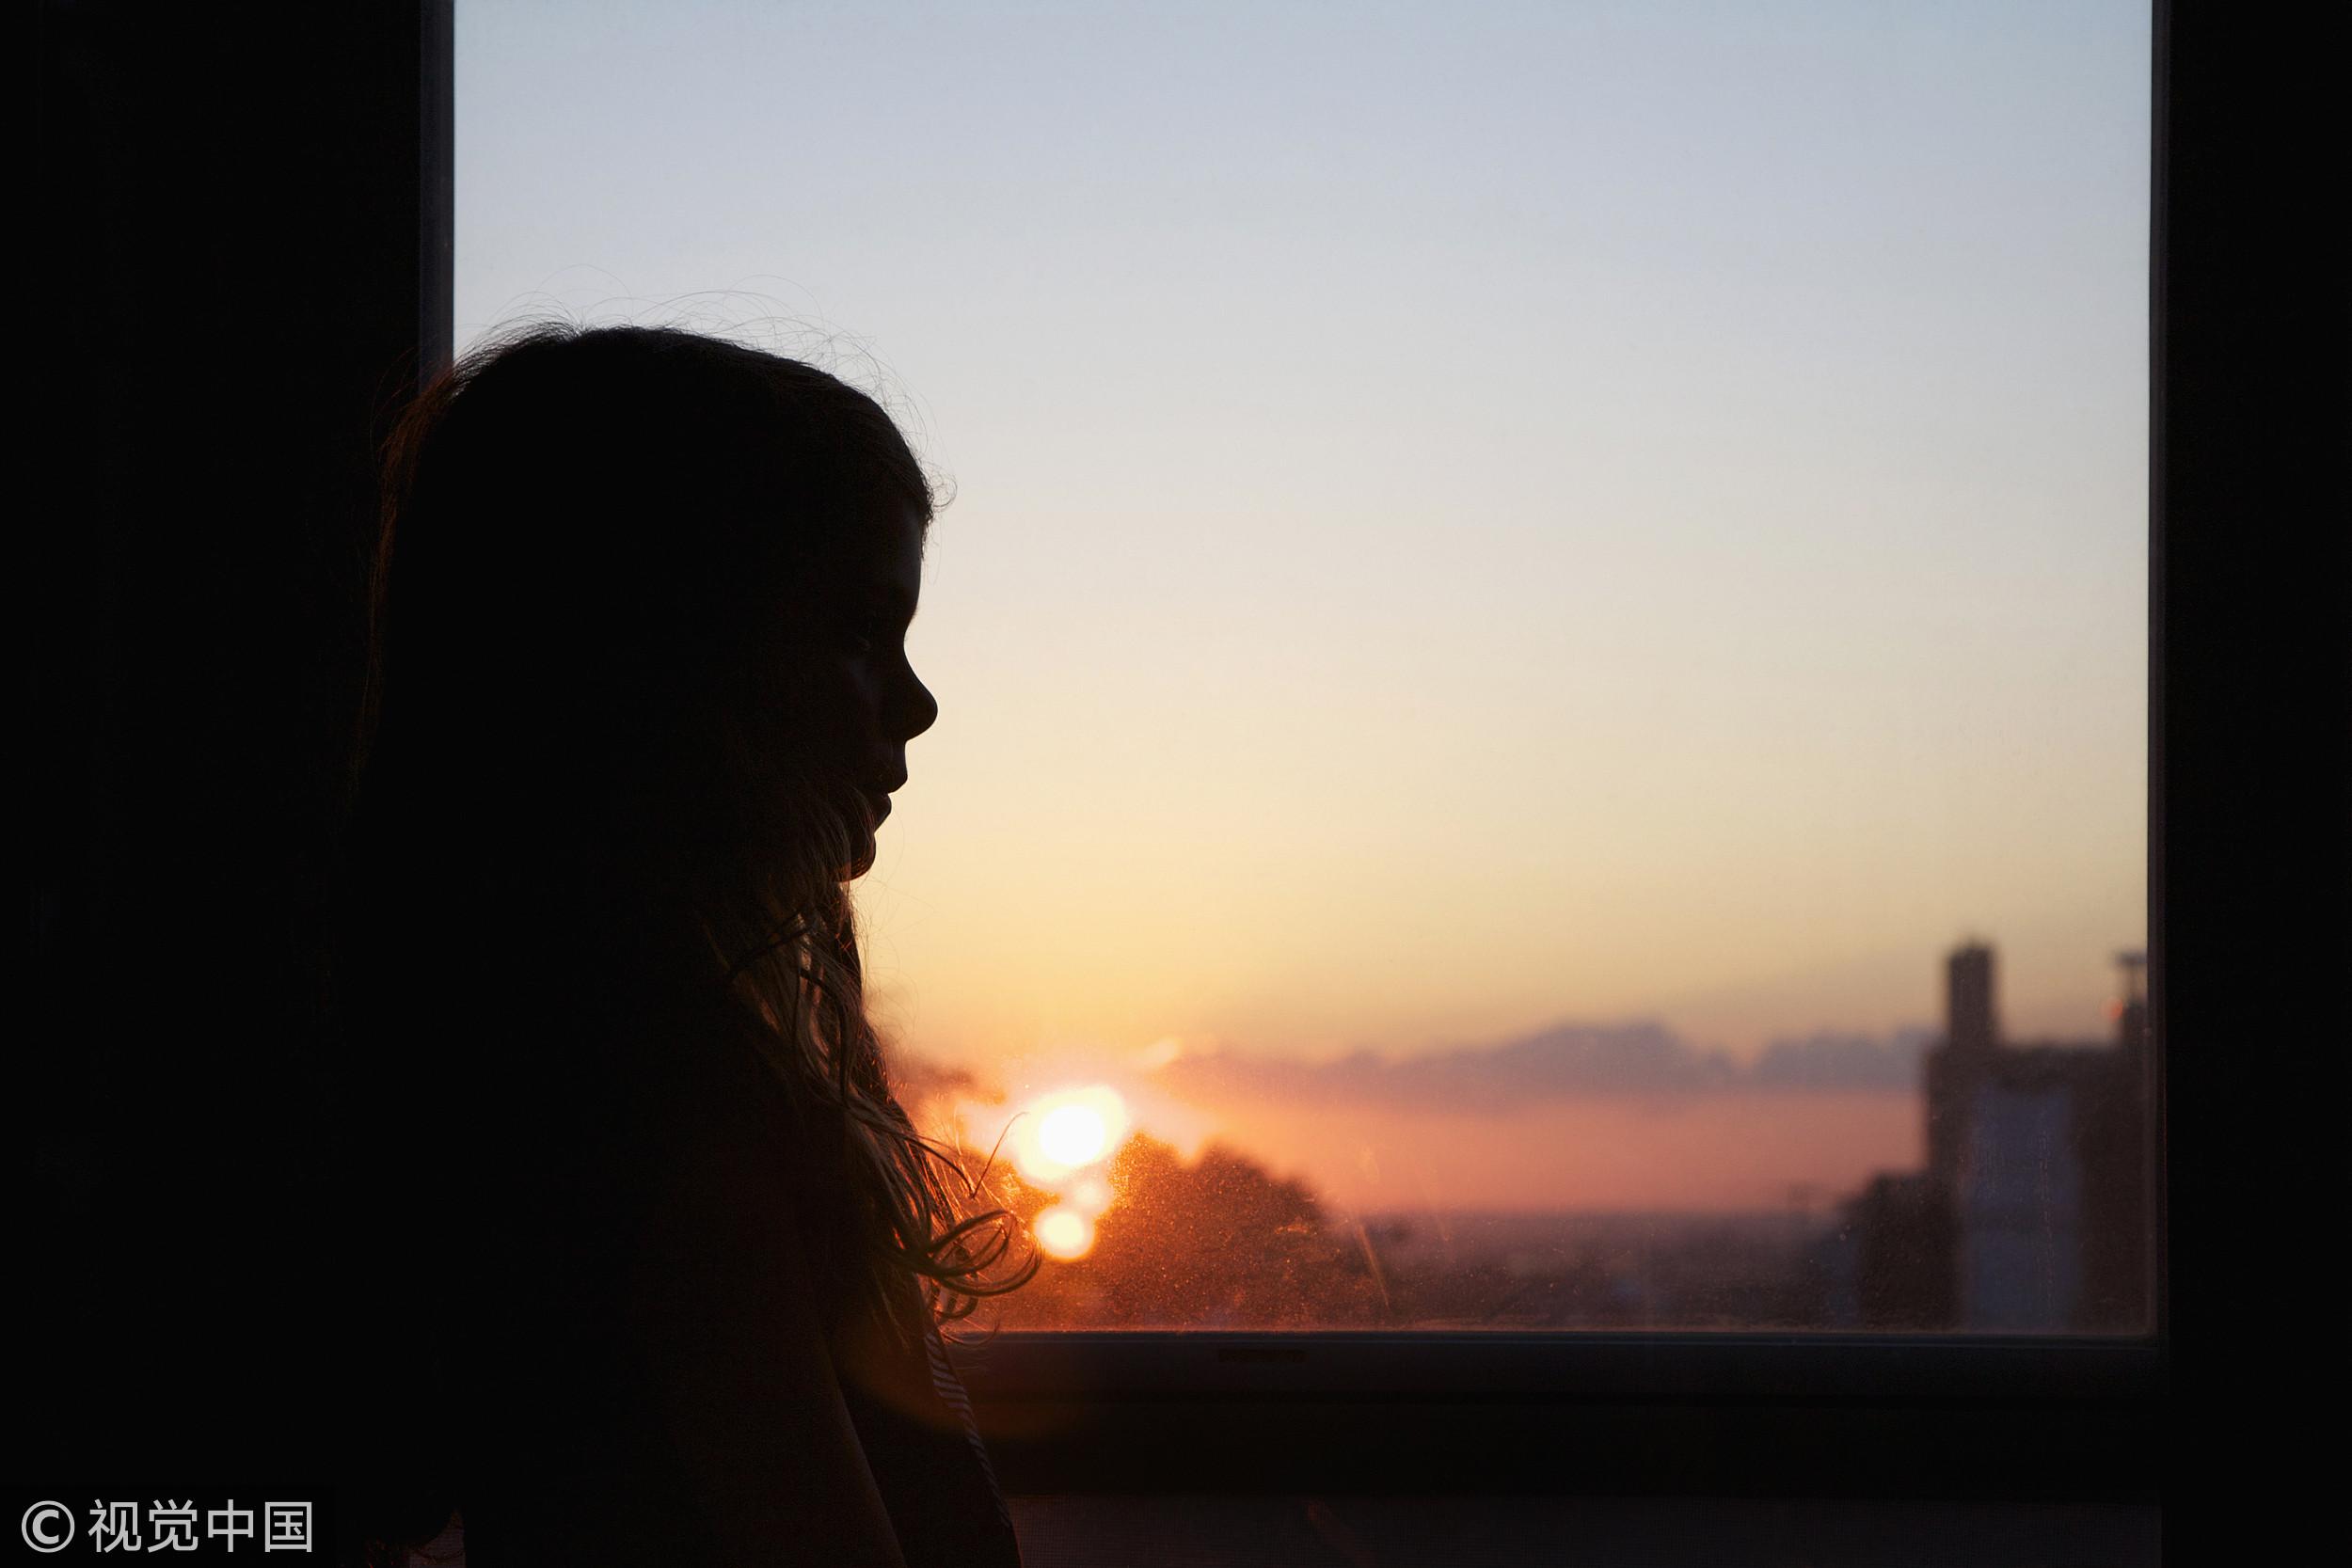 ▲▼女孩,陰影,侵害,性侵,害怕,恐懼,黑暗,孤獨,孤單。(圖/視覺中國)